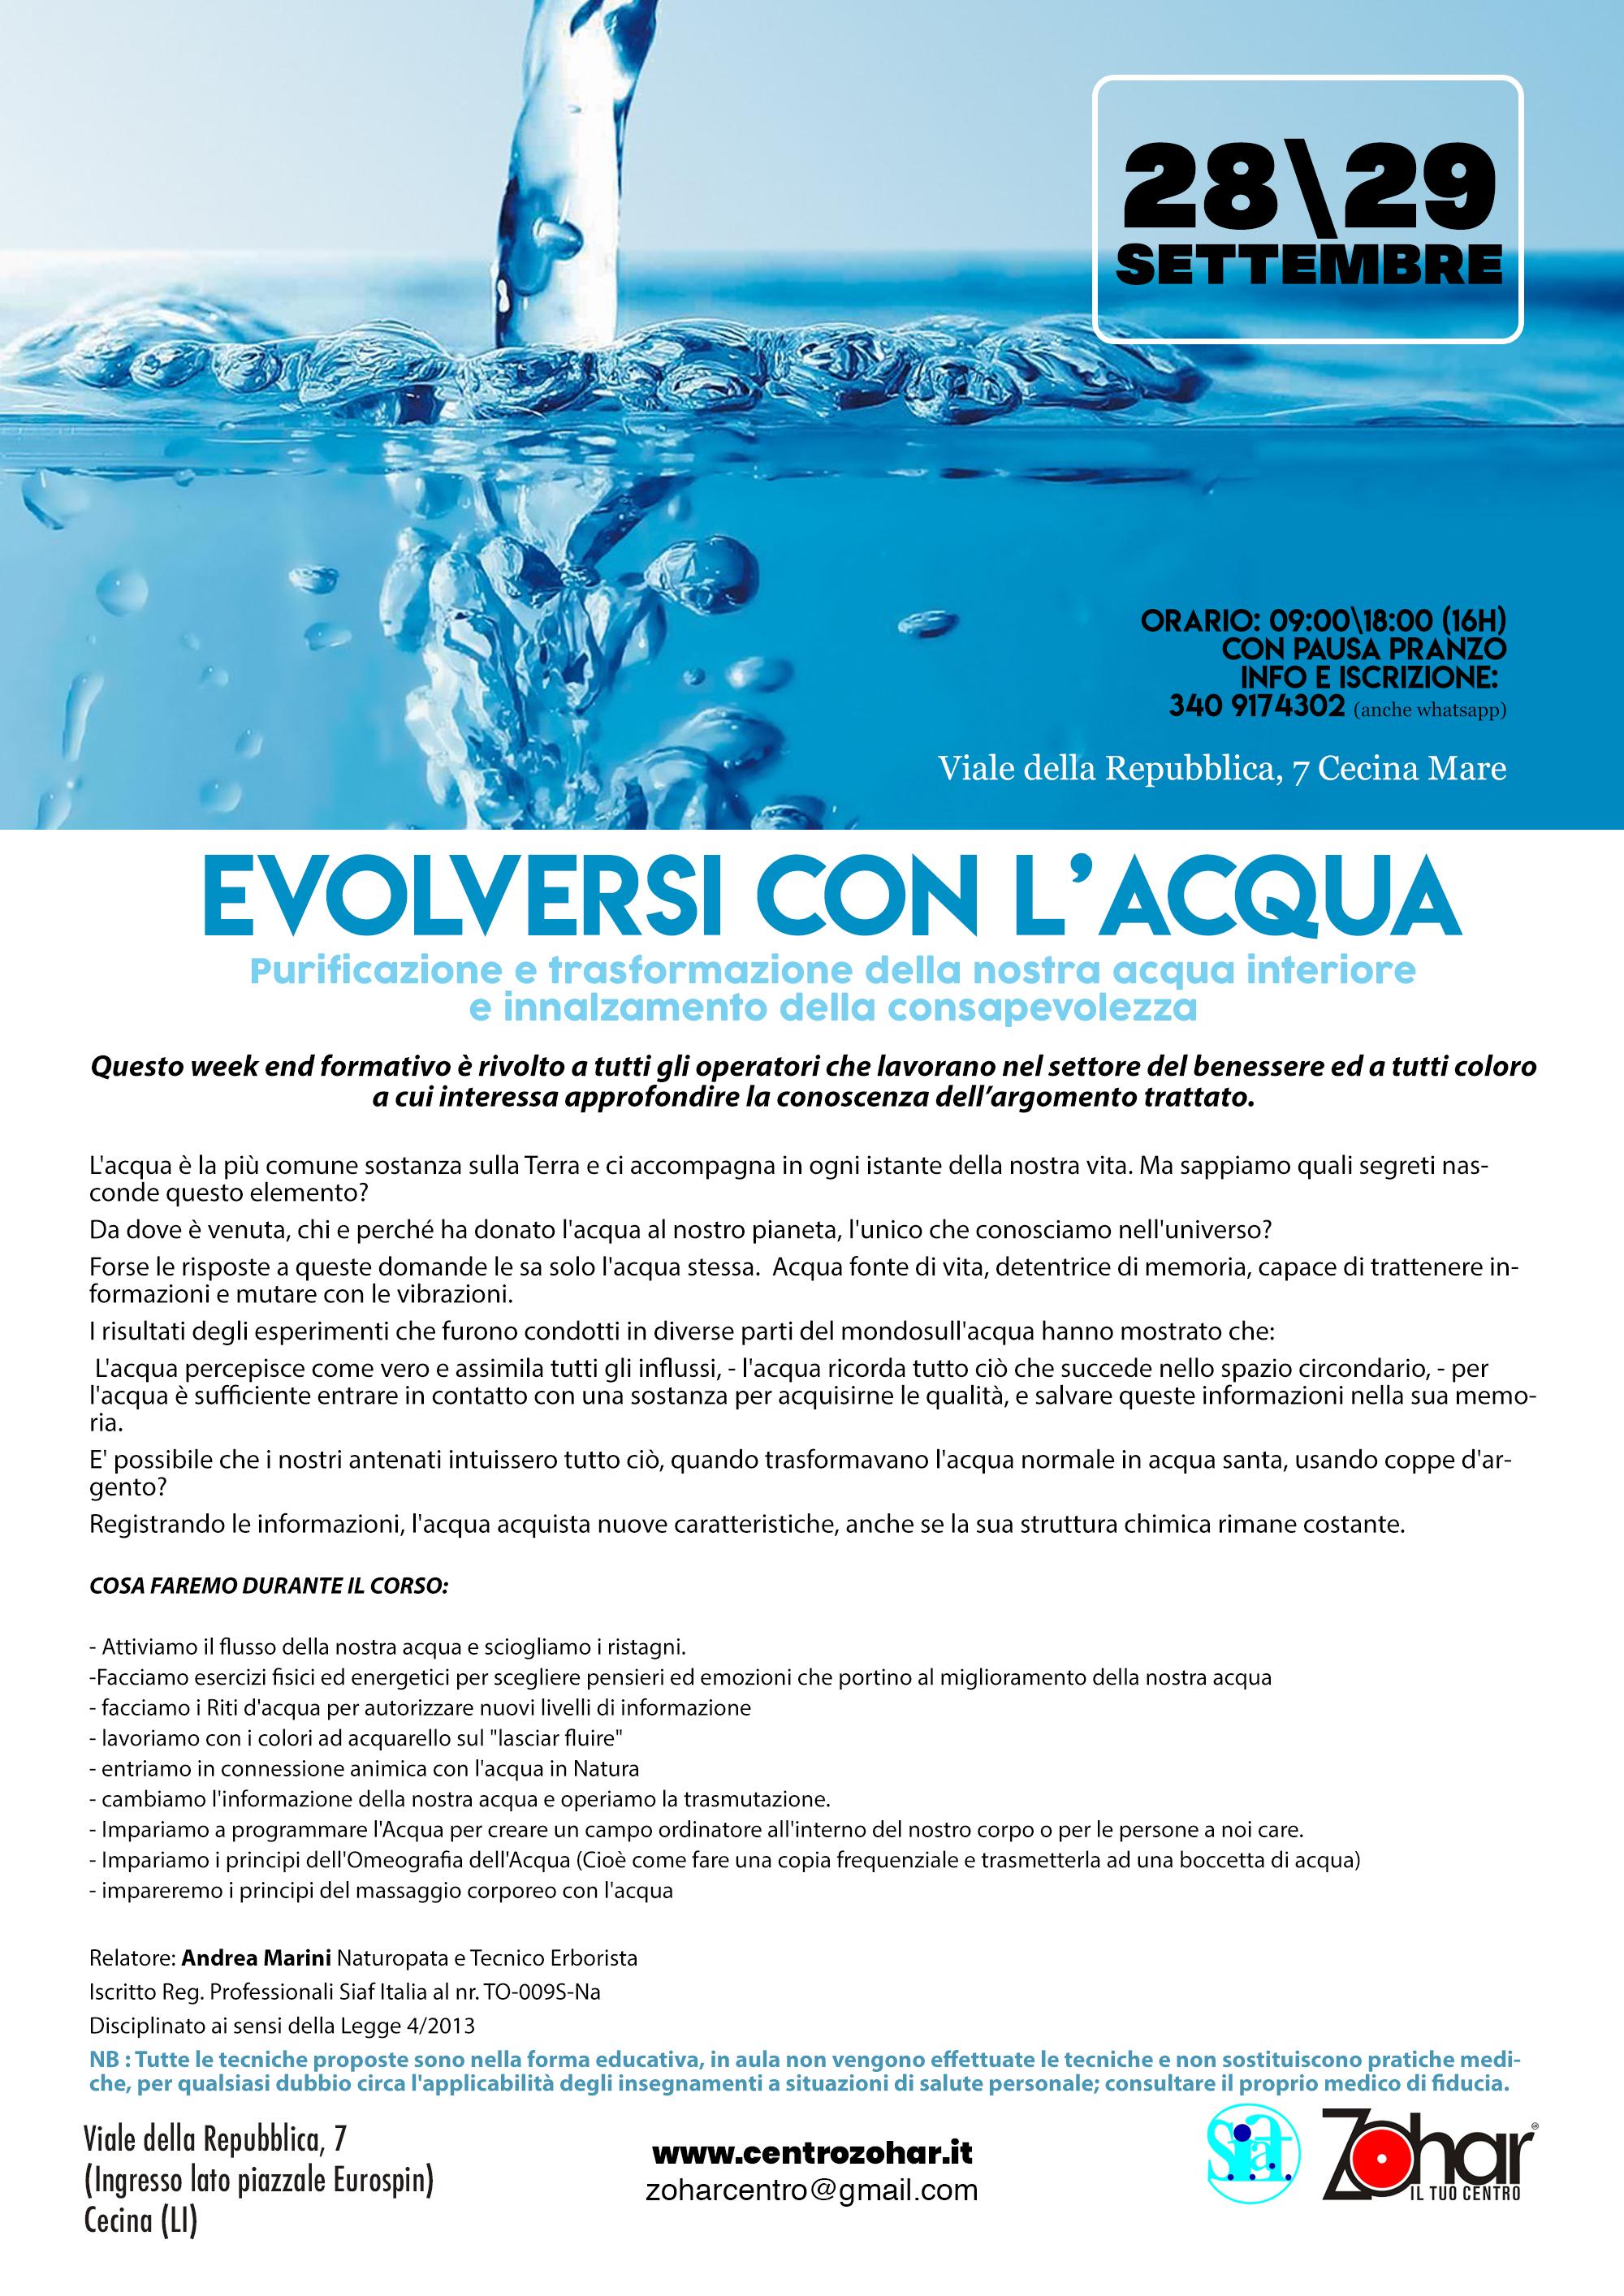 Centro Zohar - Corsi Monotematici - Evolversi con l acqua